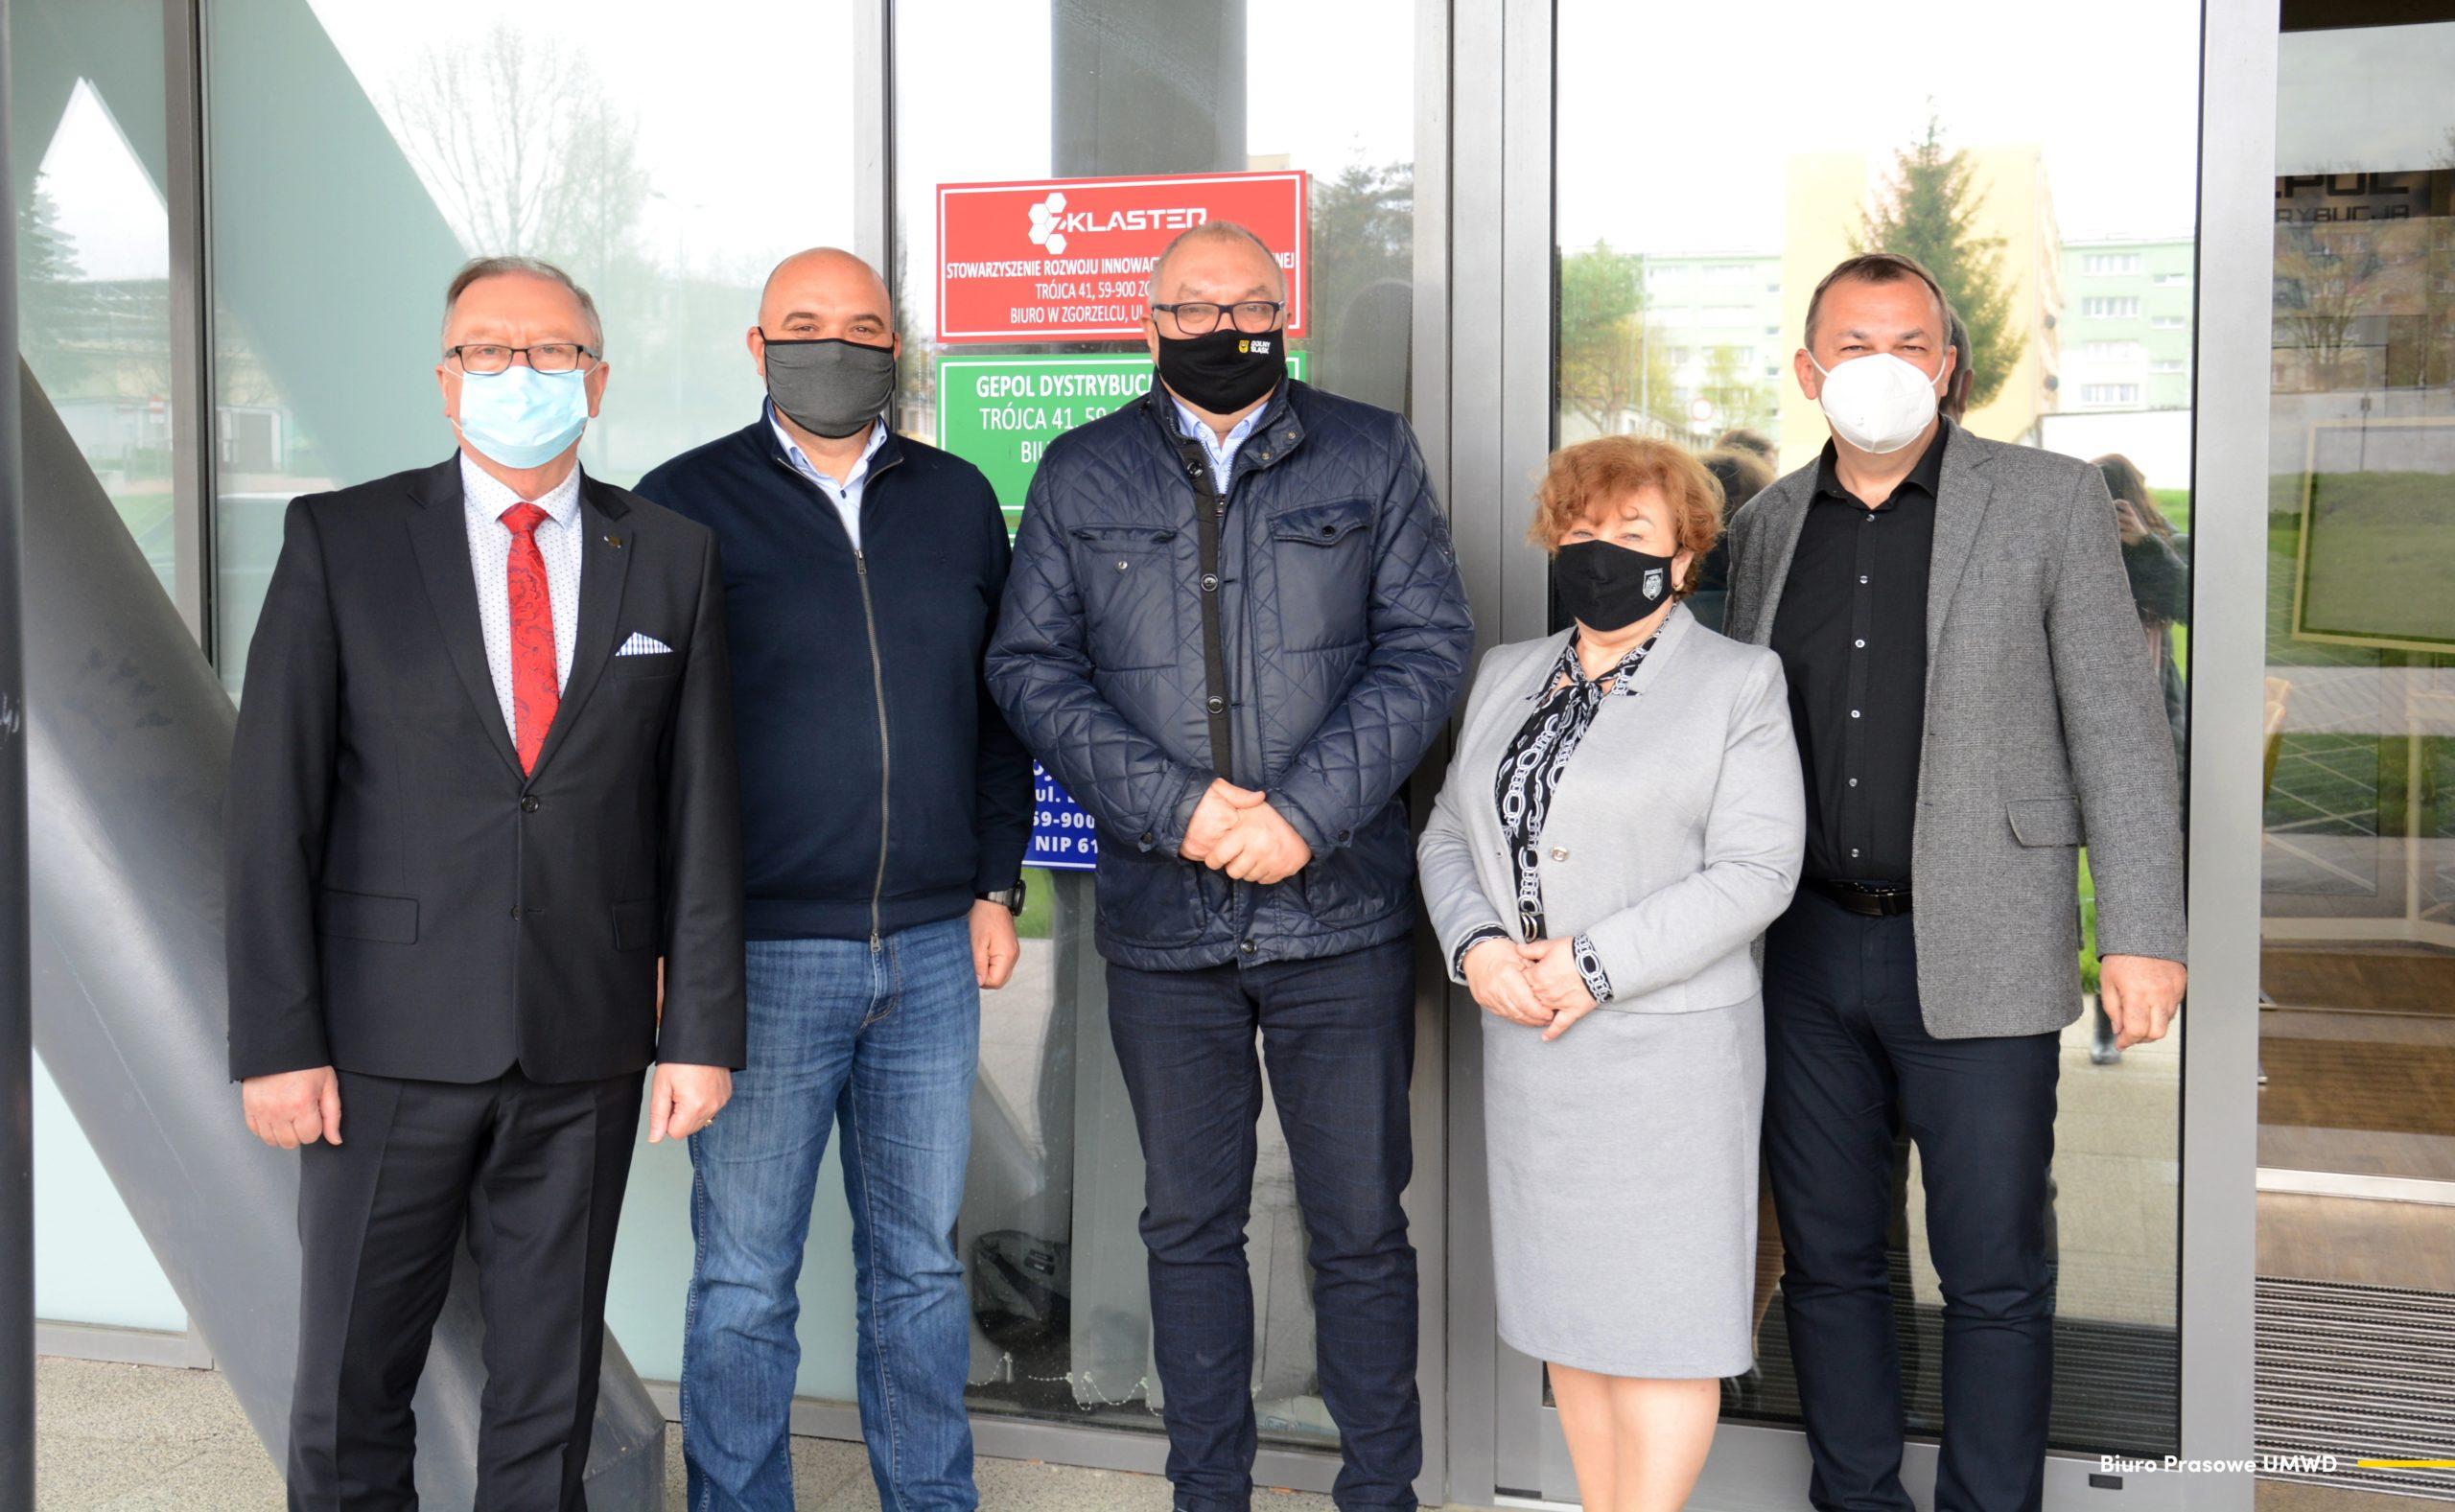 Dolnośląscy samorządowcy z wizytą w ZKlastrze